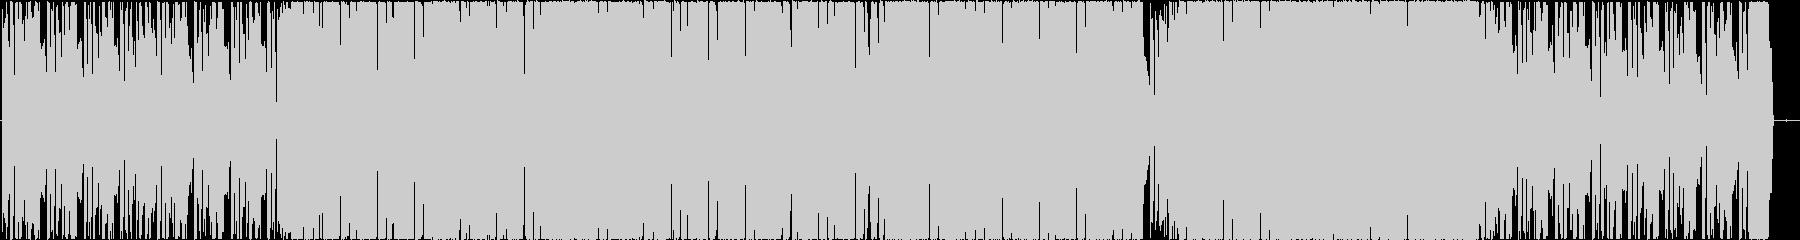 ピアノ リフ メインのループEDMの未再生の波形